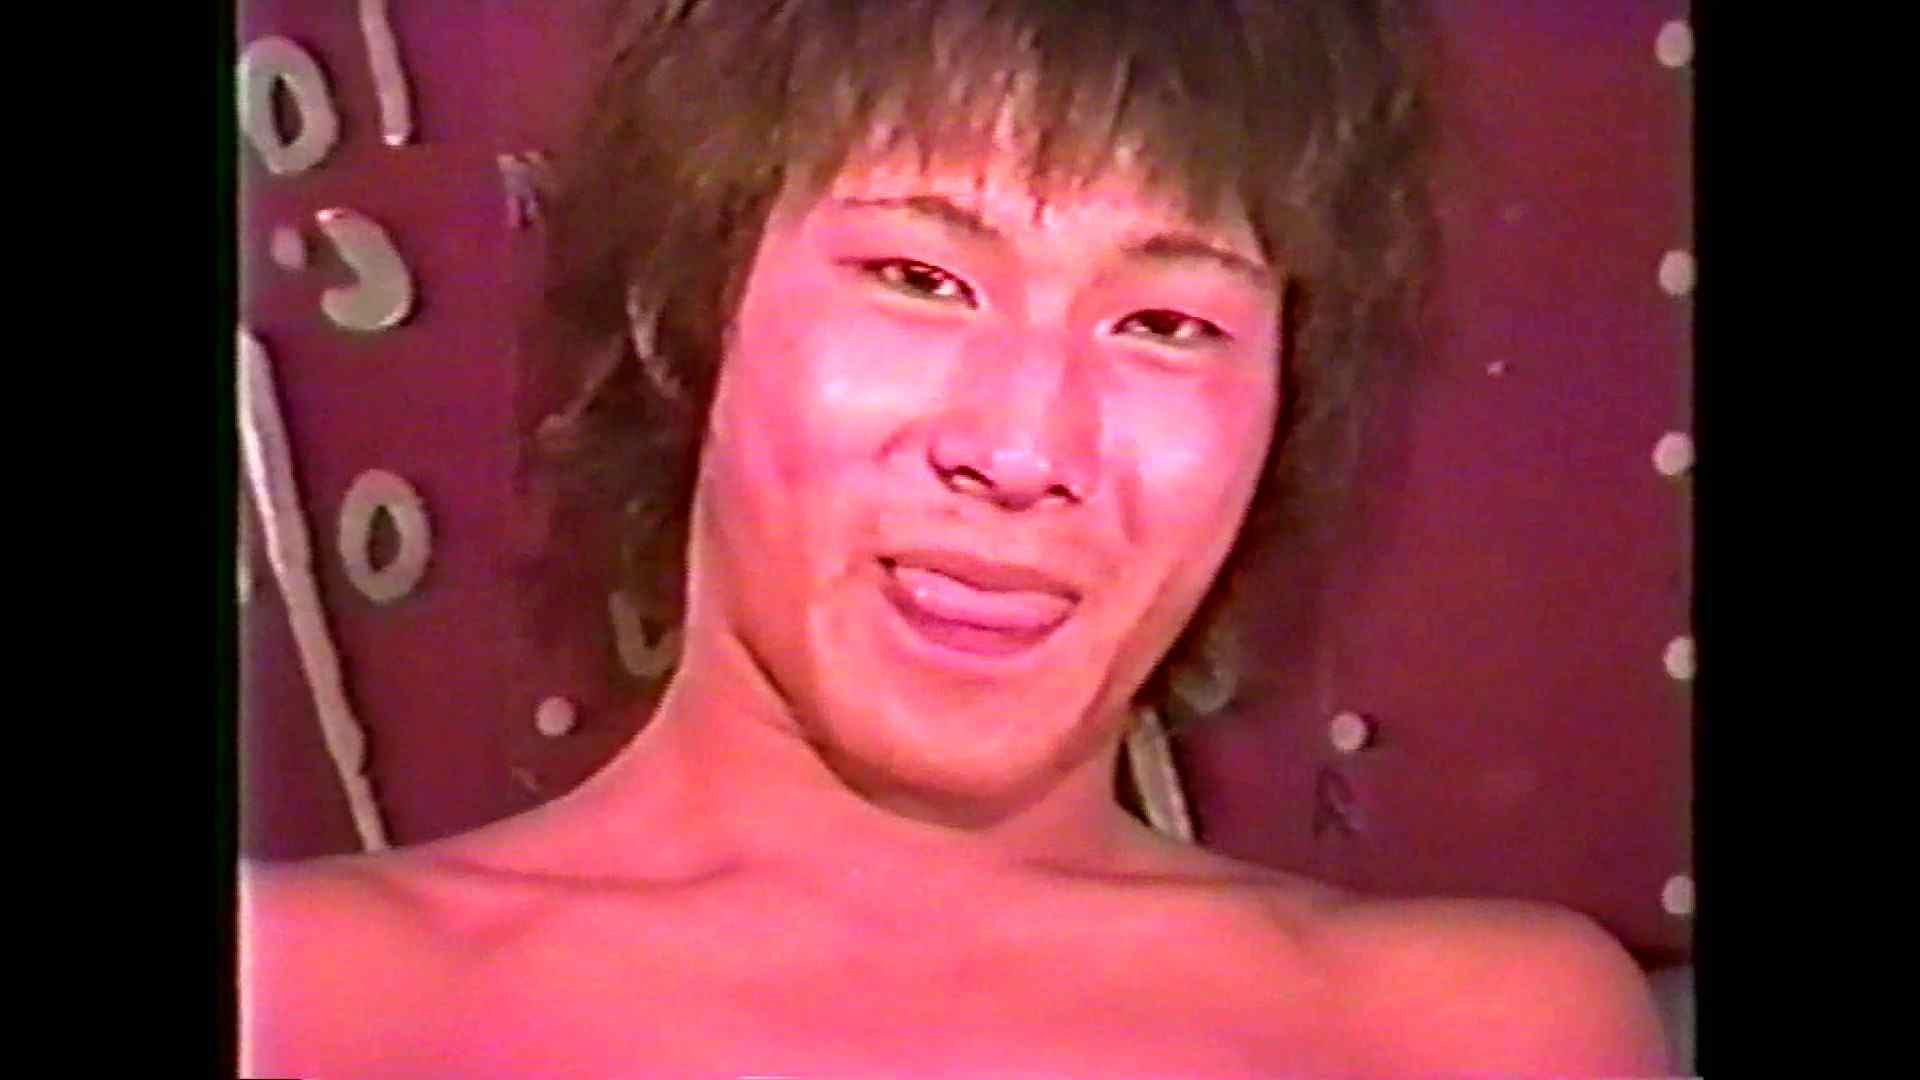 GAYBOY宏のオカズ倉庫Vol.3-4 モザイク無し ゲイ丸見え画像 91pic 83